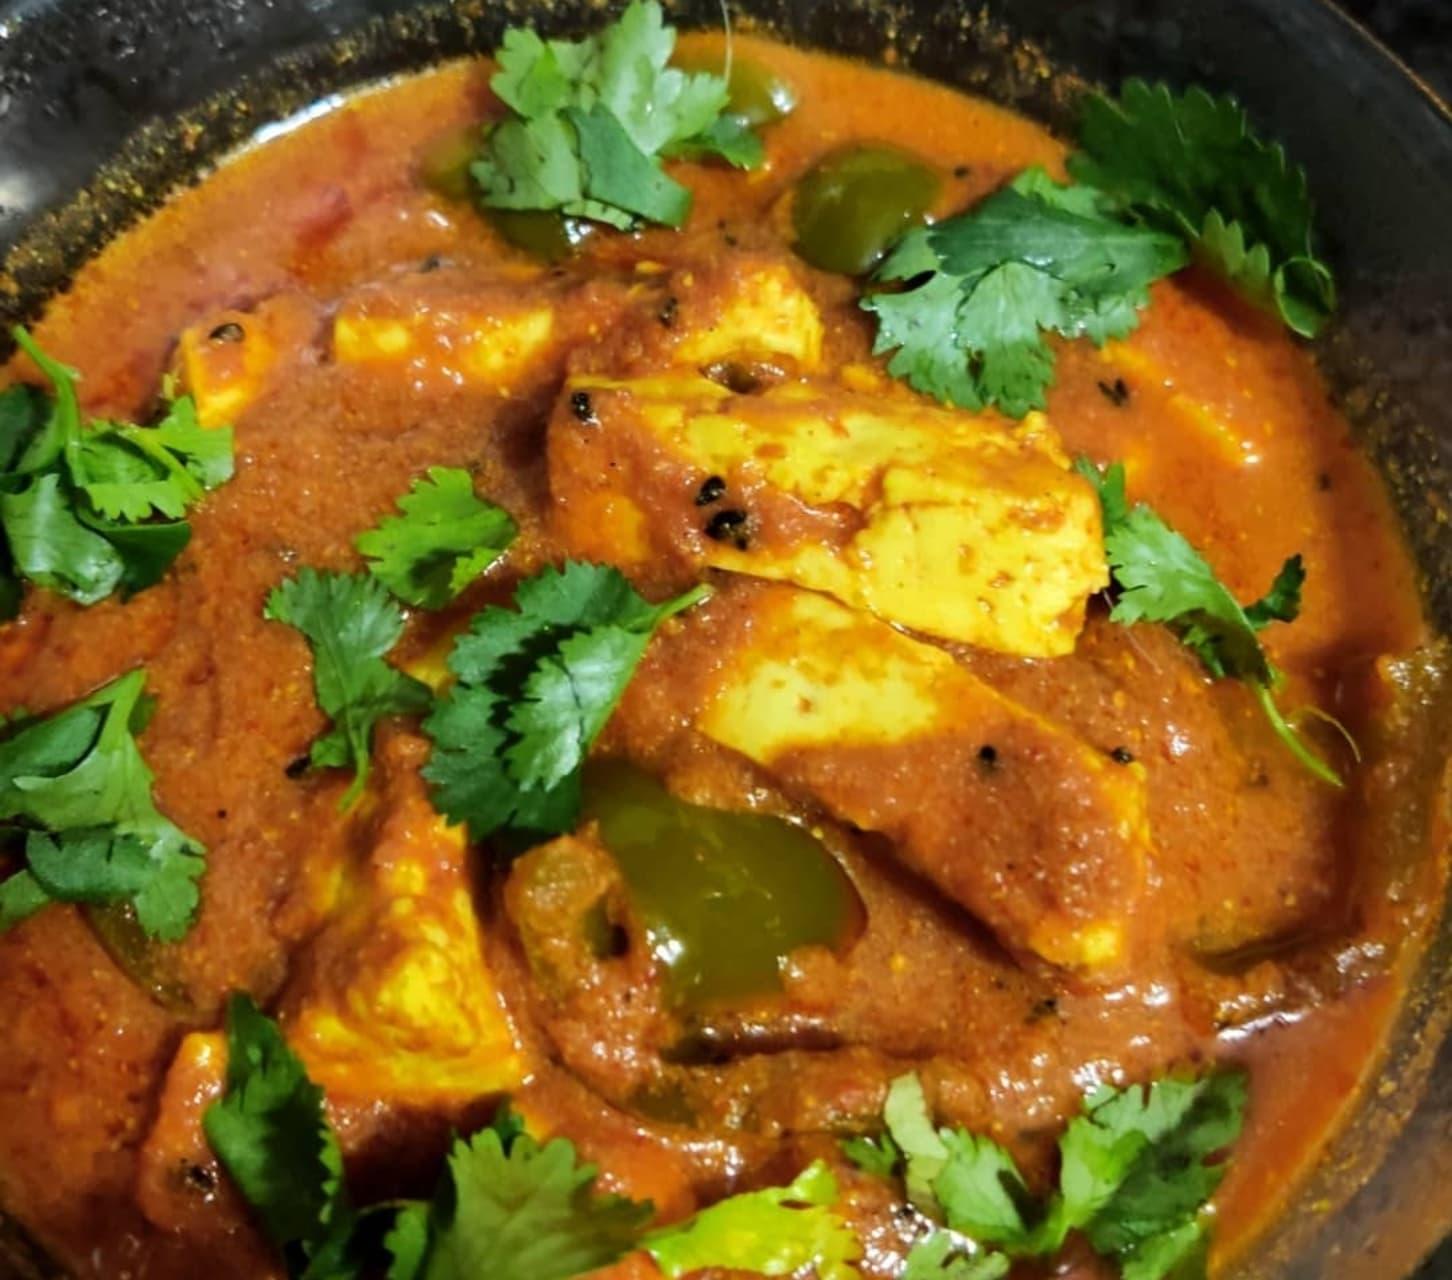 Delhi - Achaari Paneer/tofu/potato- yummy and pickly gravy with cheese